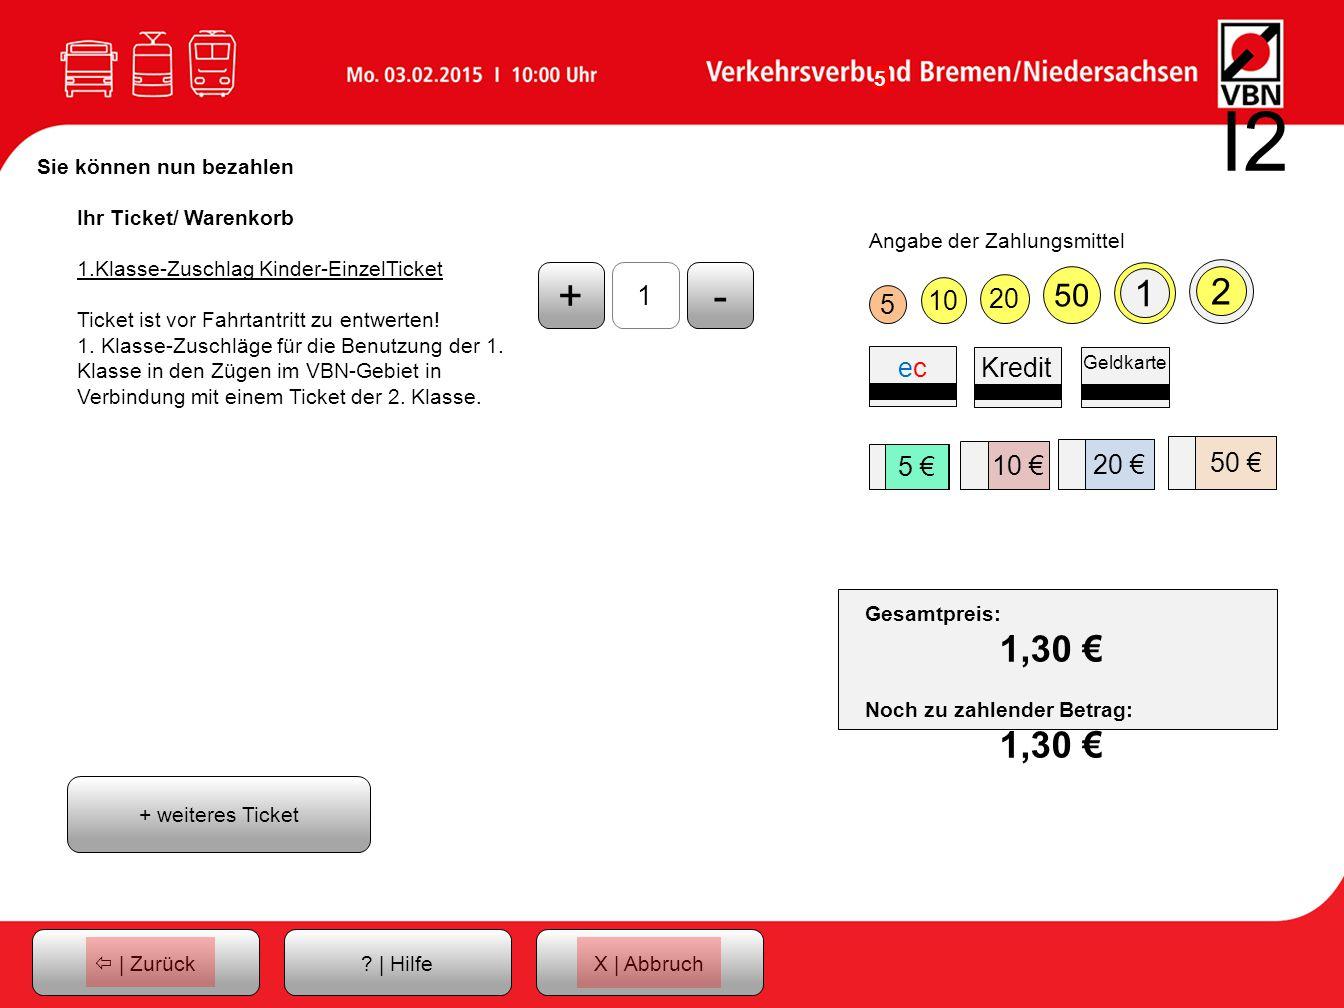 I2 Sie können nun bezahlen. Ihr Ticket/ Warenkorb. 1.Klasse-Zuschlag Kinder-EinzelTicket. Ticket ist vor Fahrtantritt zu entwerten!